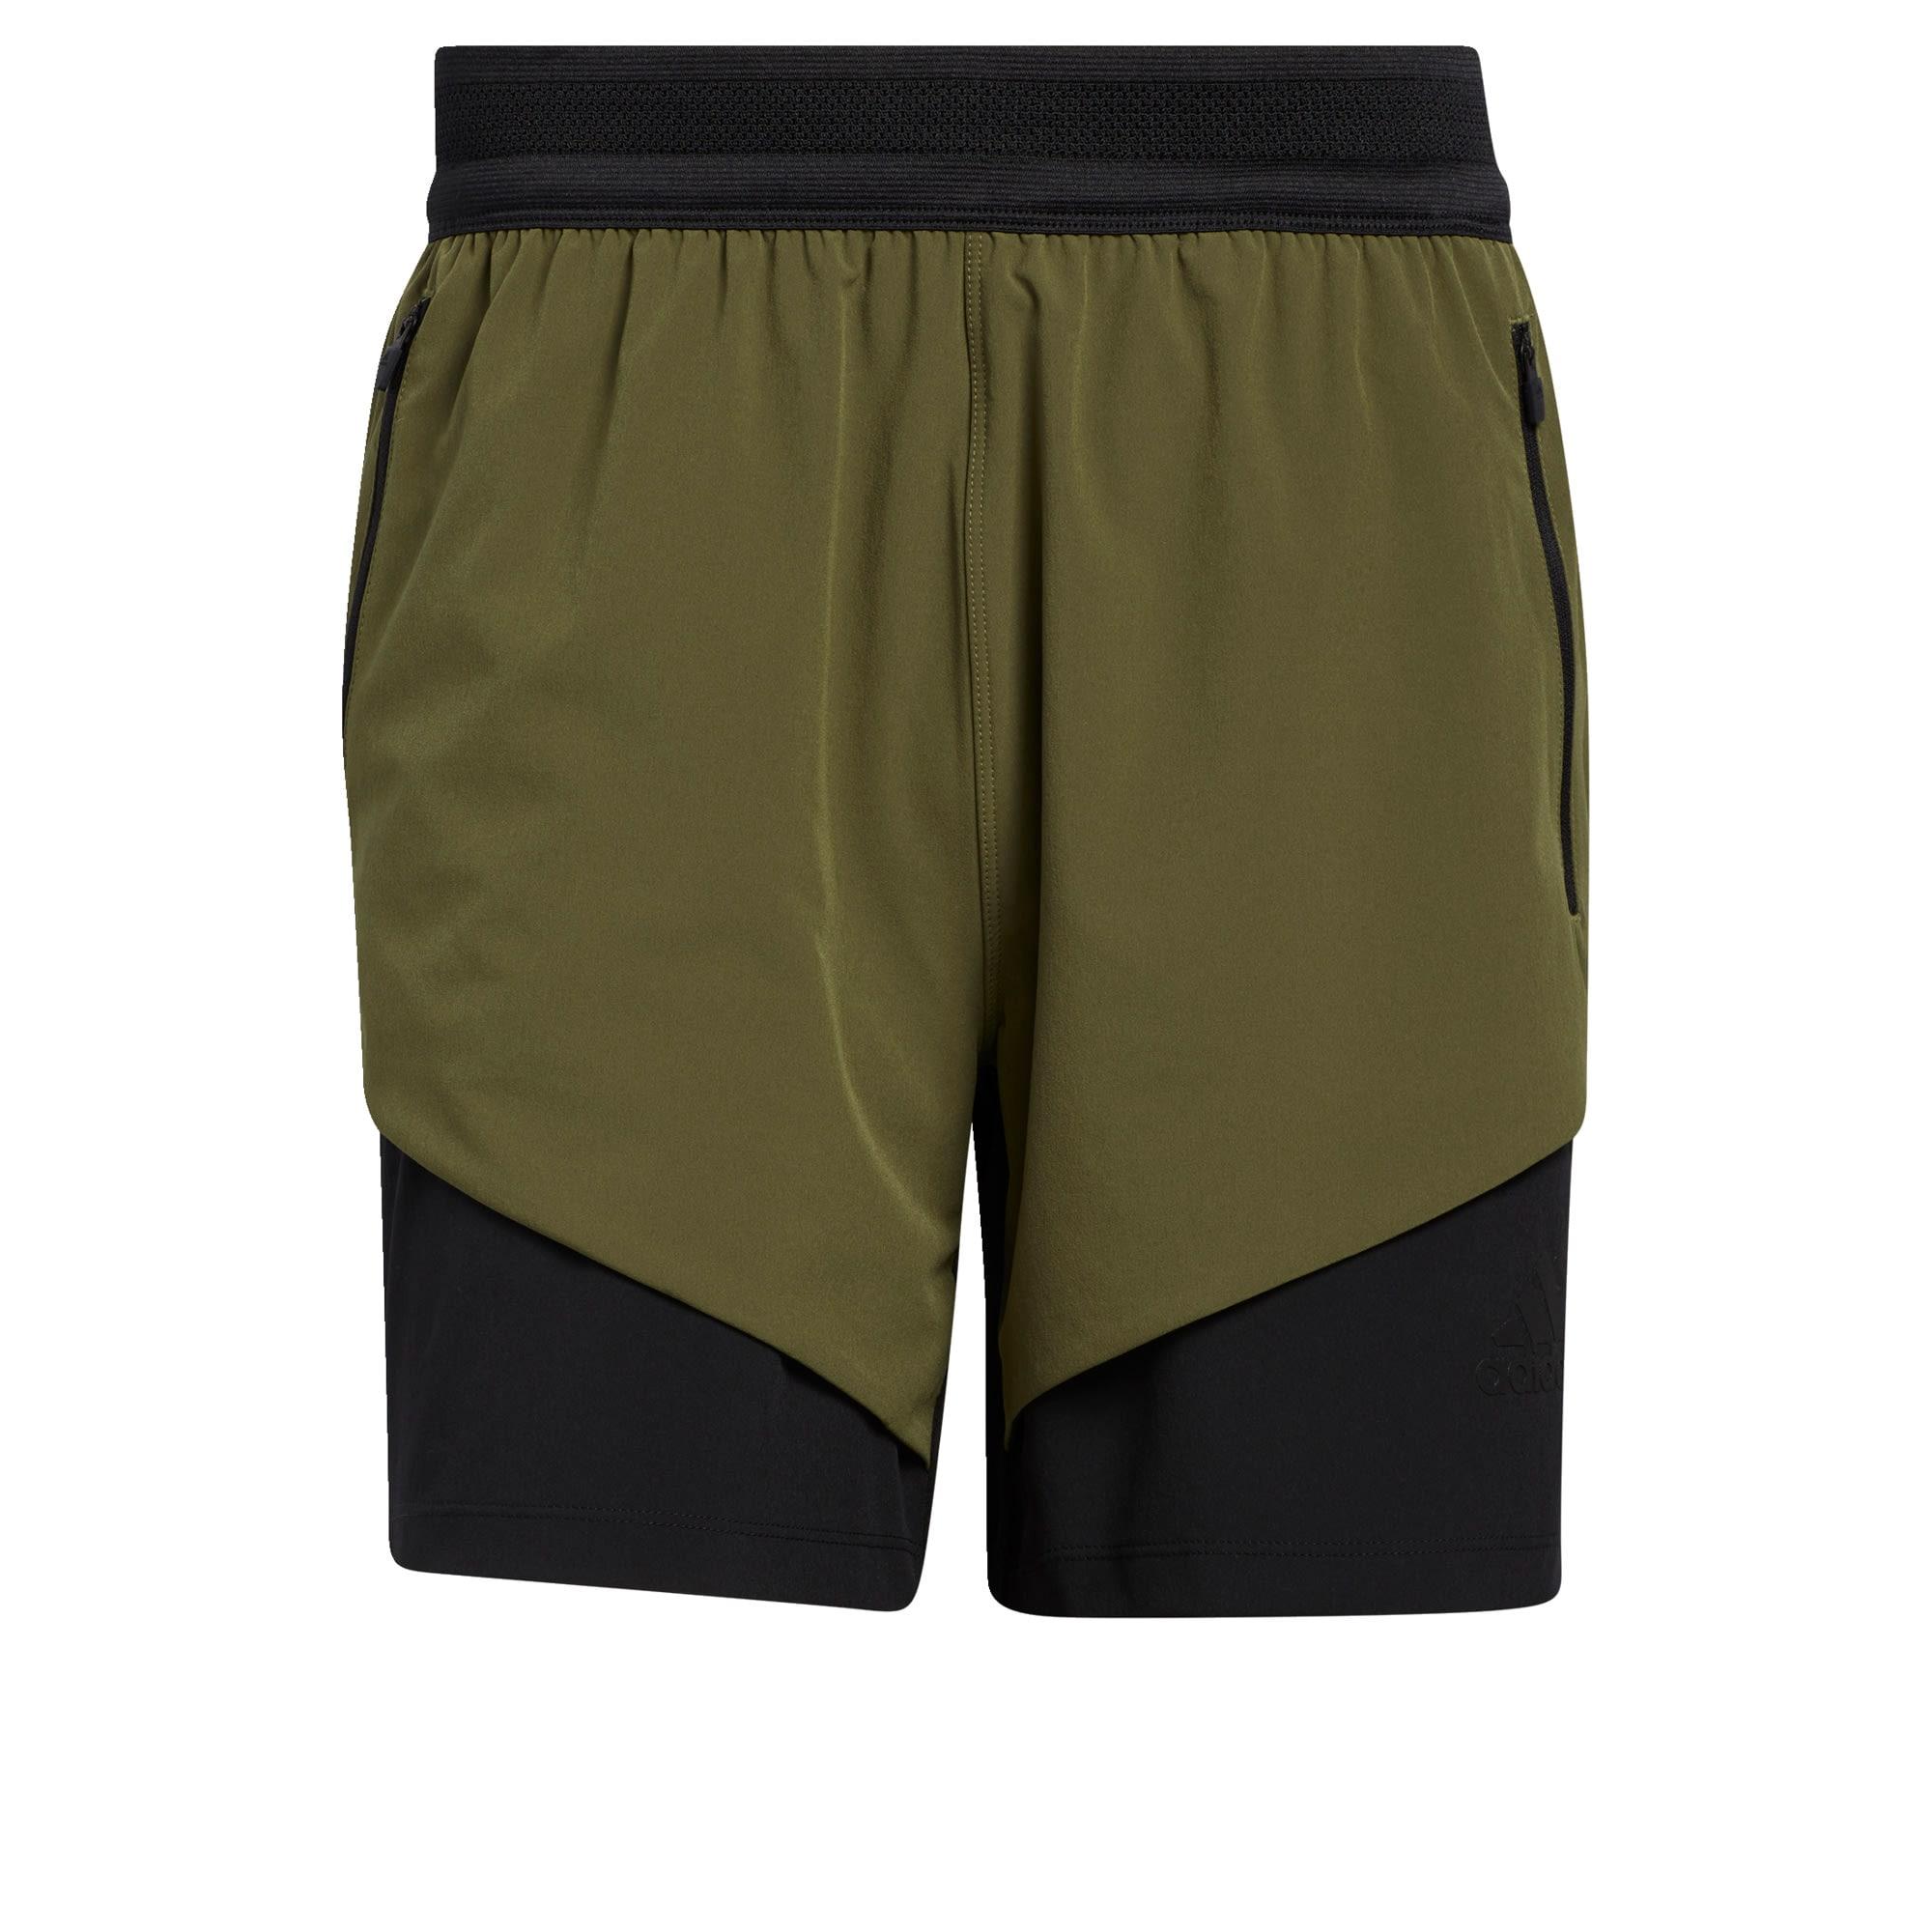 ADIDAS PERFORMANCE Sportinės kelnės alyvuogių spalva / rusvai žalia